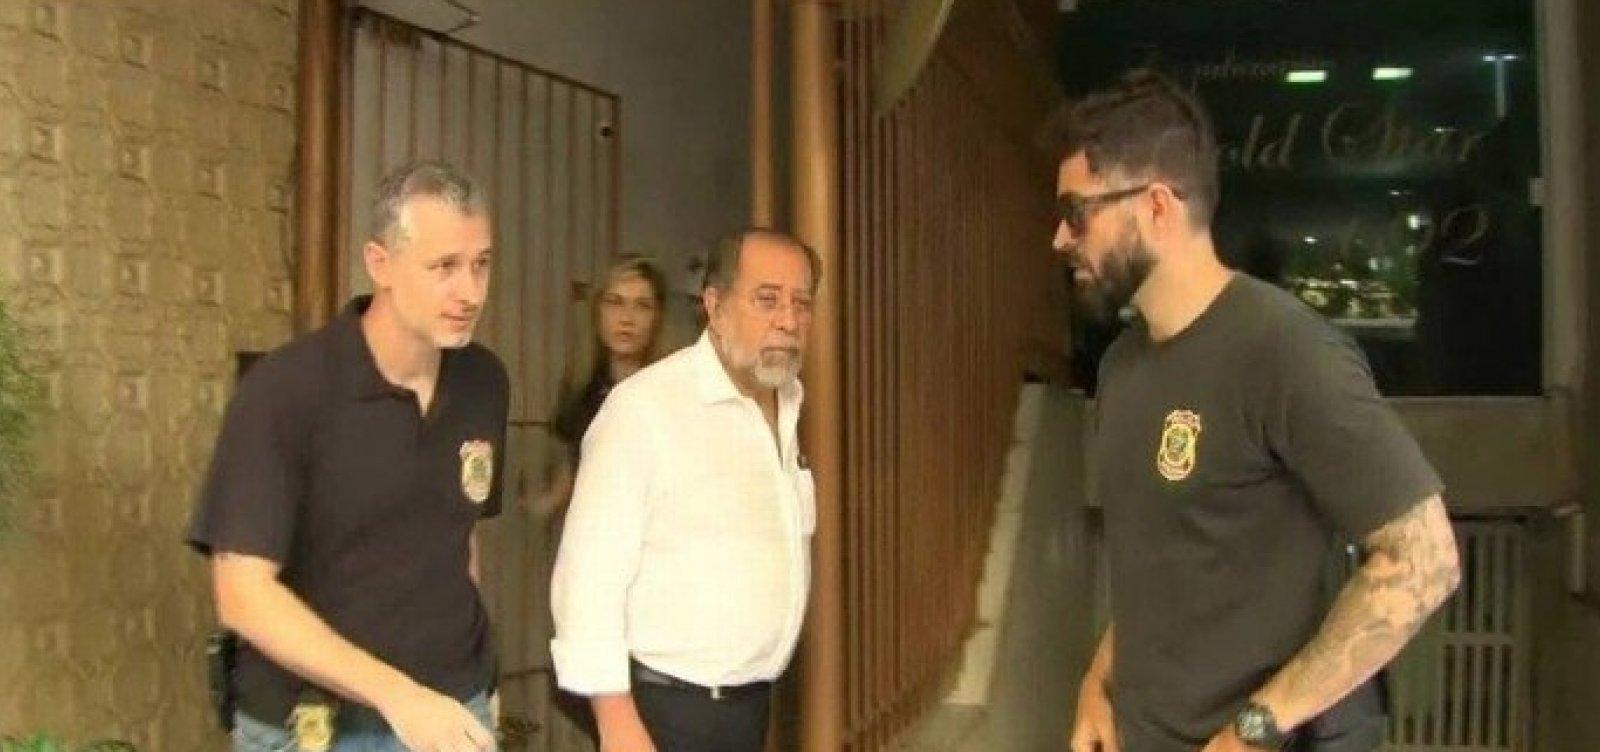 Juiz aponta ação 'estruturada e ordenada' de quadrilha no porto de Santos